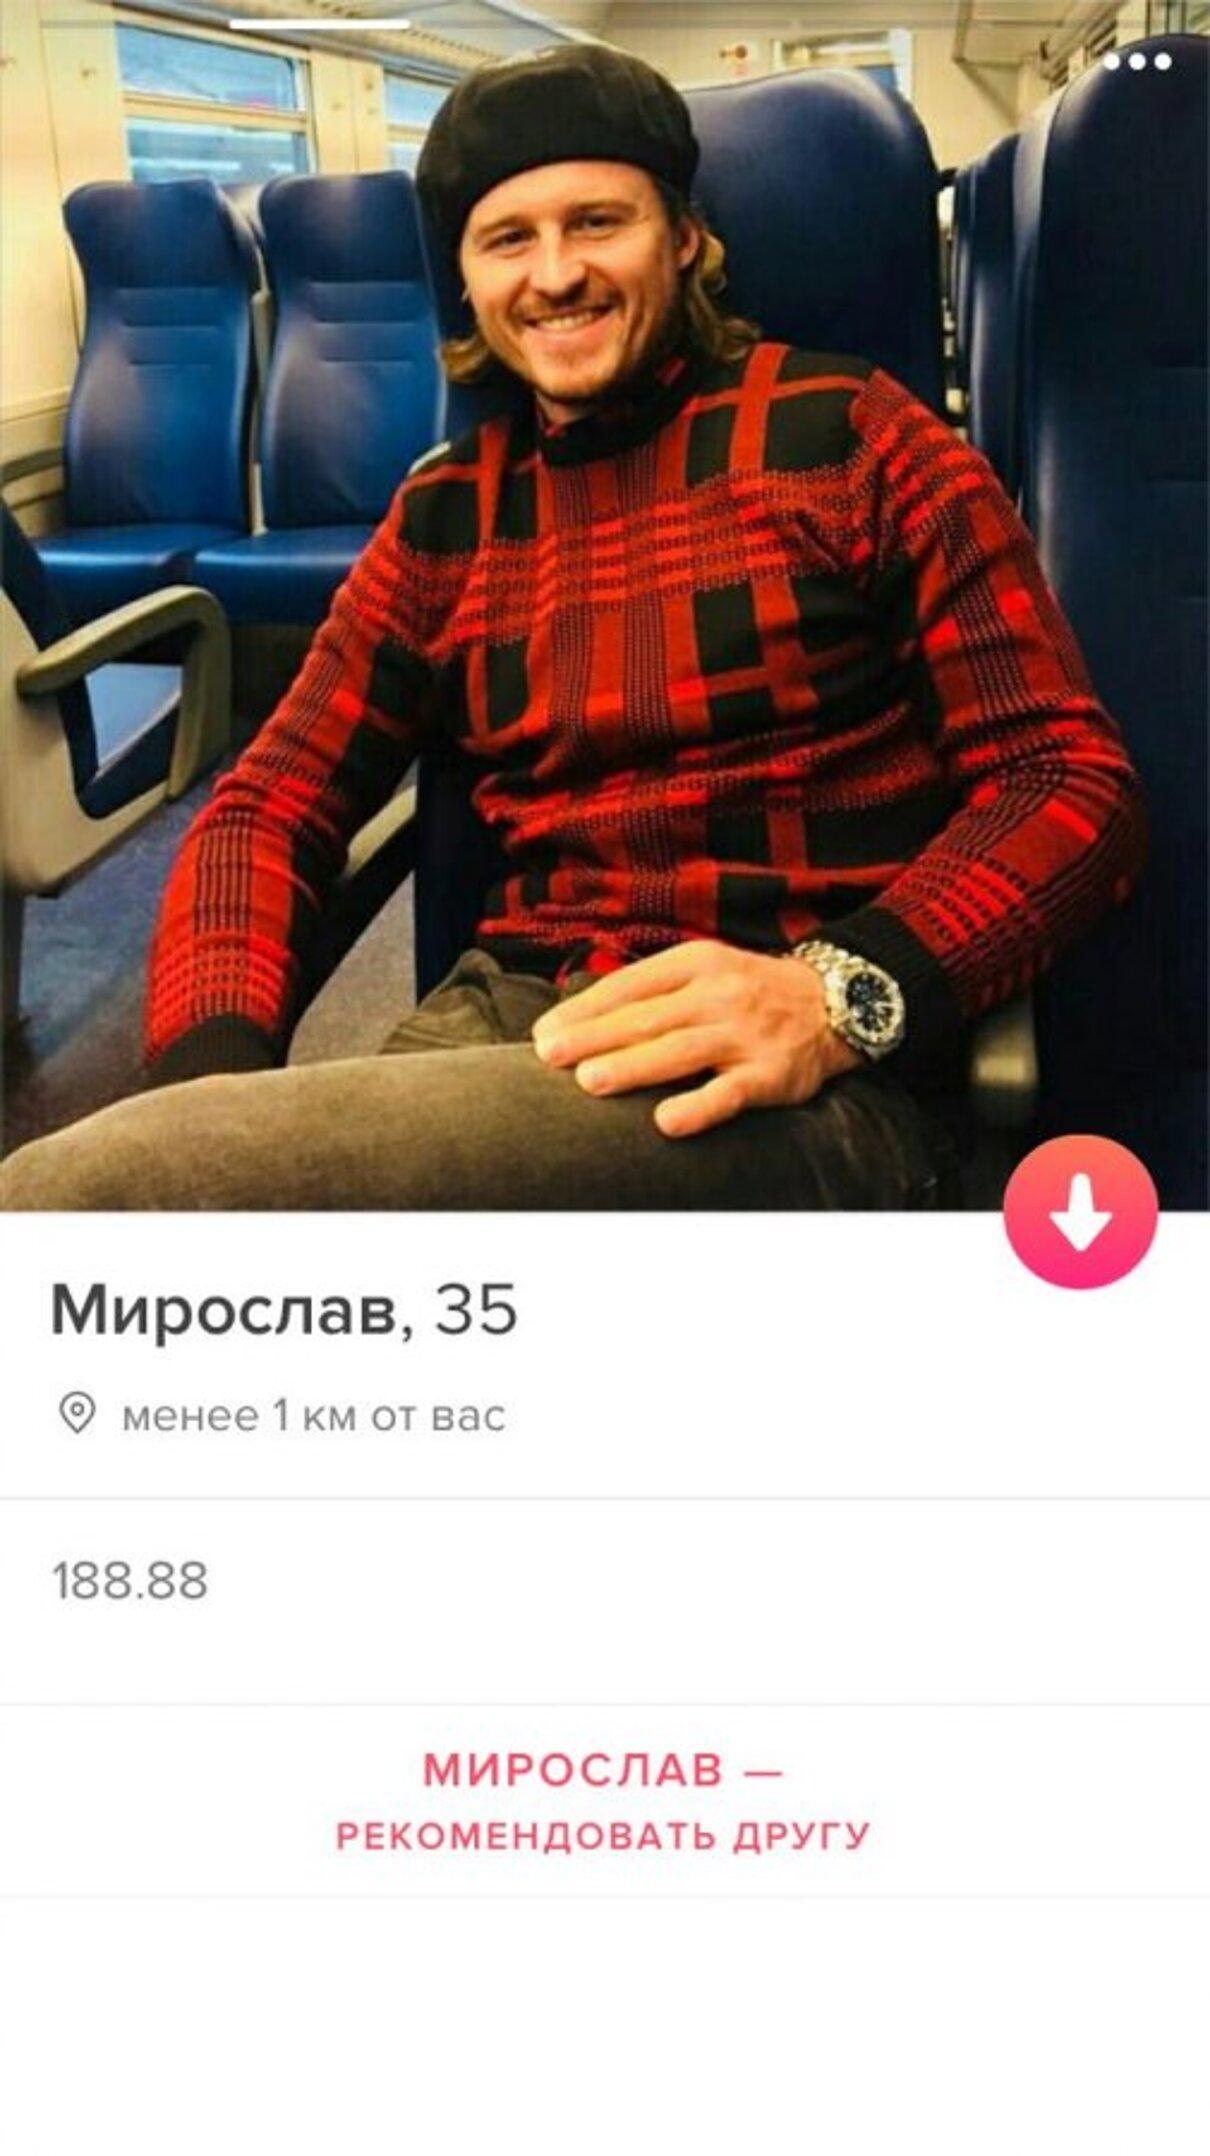 Жалоба-отзыв: МОШЕННИК - Как не платить за счет в ресторане если не оплатил мужик.  Фото №2